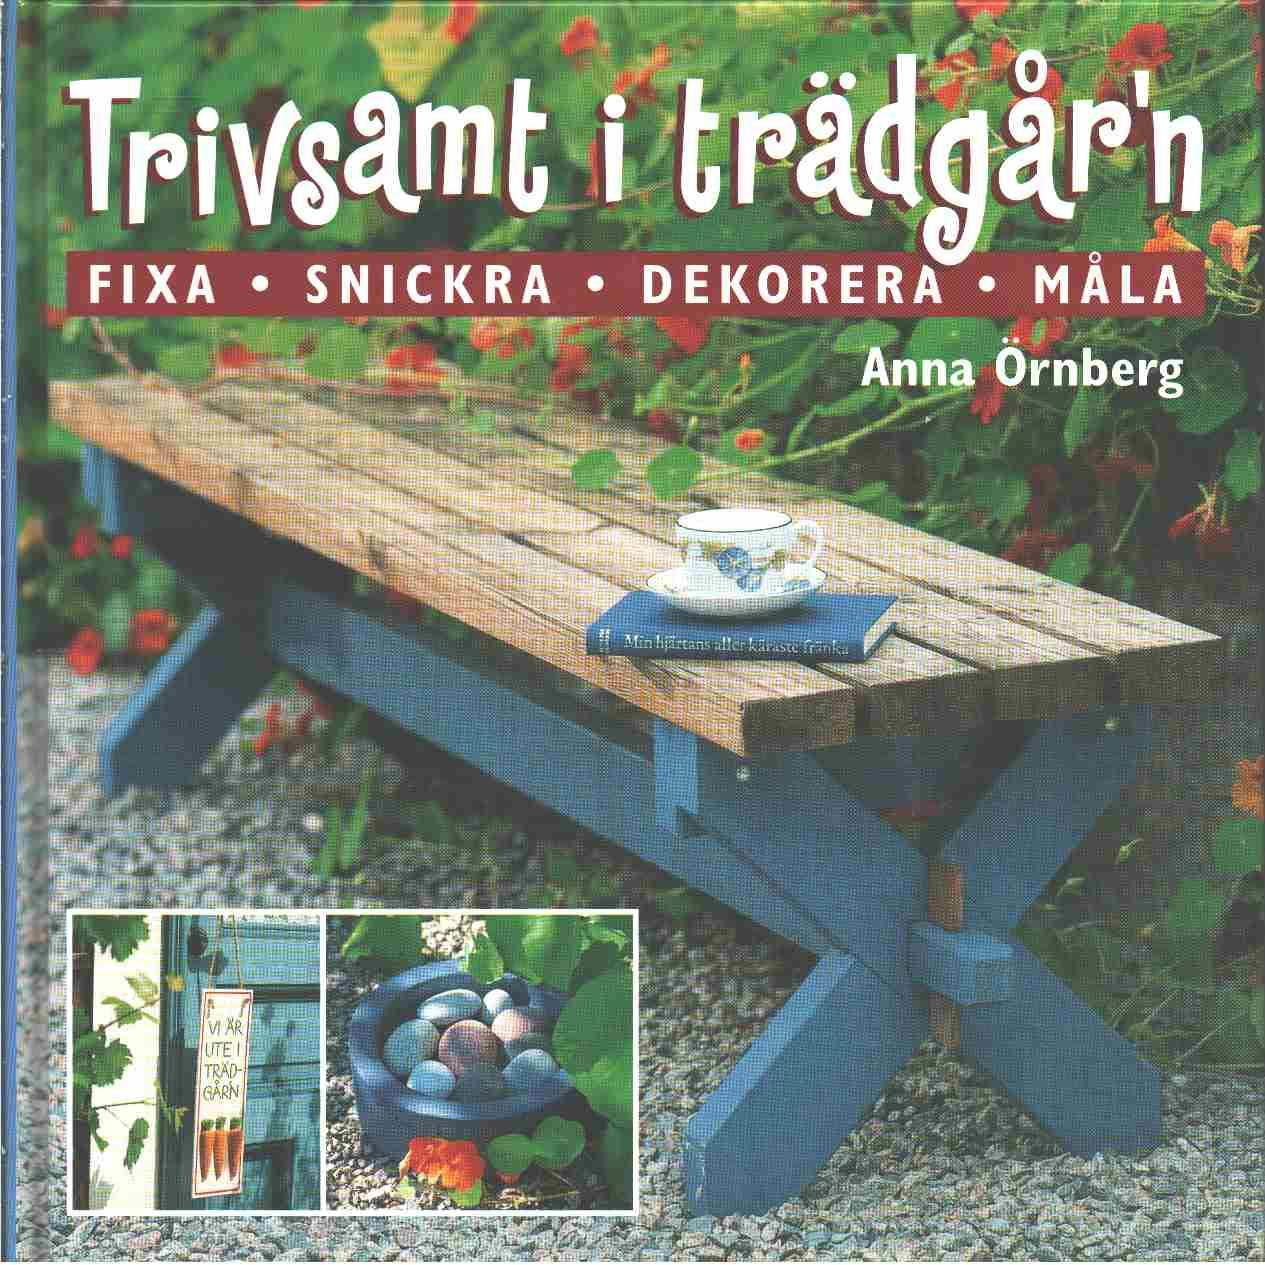 Trivsamt i trädgår'n : inred och dekorera ditt gröna rum : [fixa, snickra, dekorera, måla]  - Örnberg, Anna